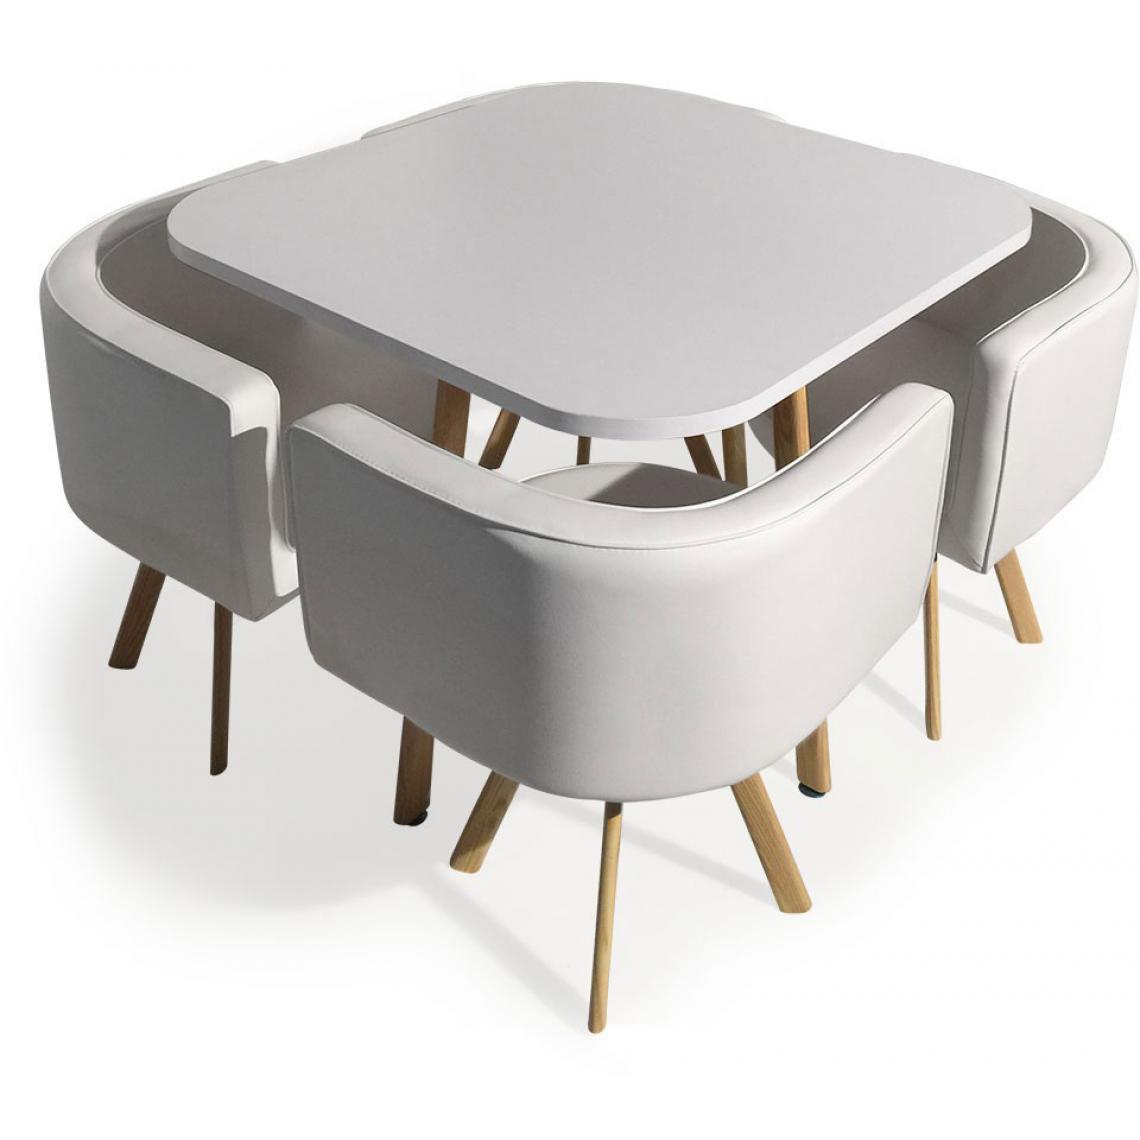 table avec chaises encastrables scandinaves blanc copenhague